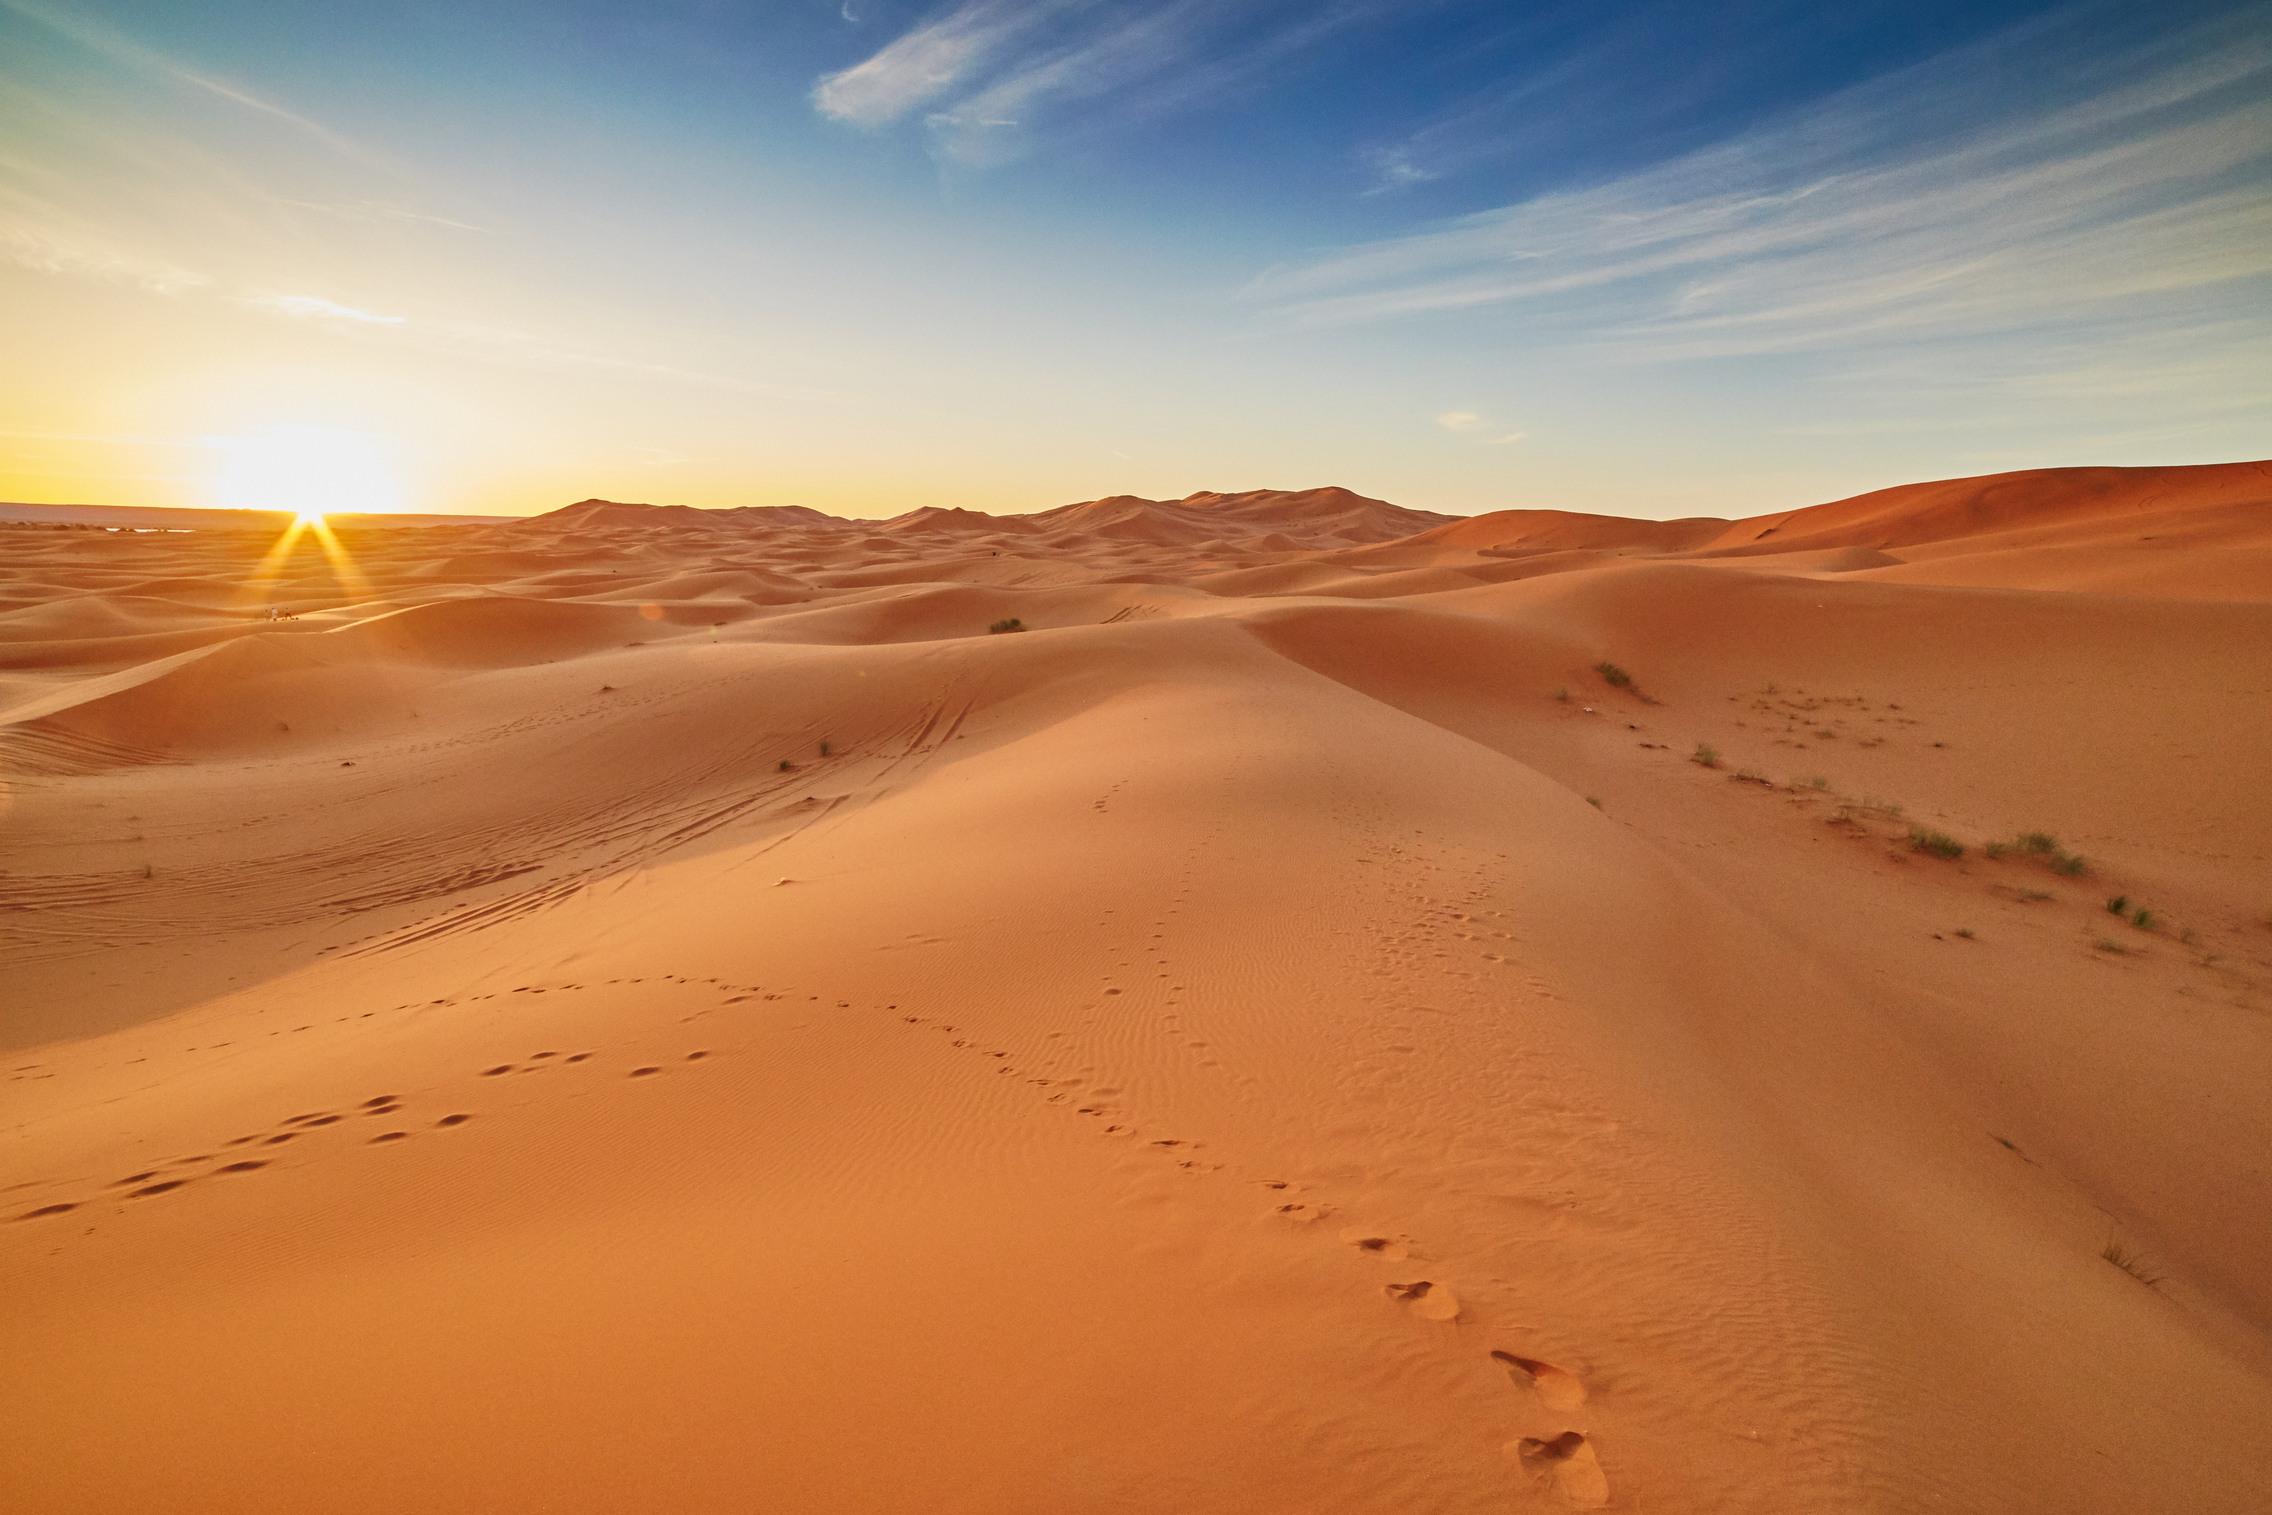 фото в пустыне очень яркие можно использовать